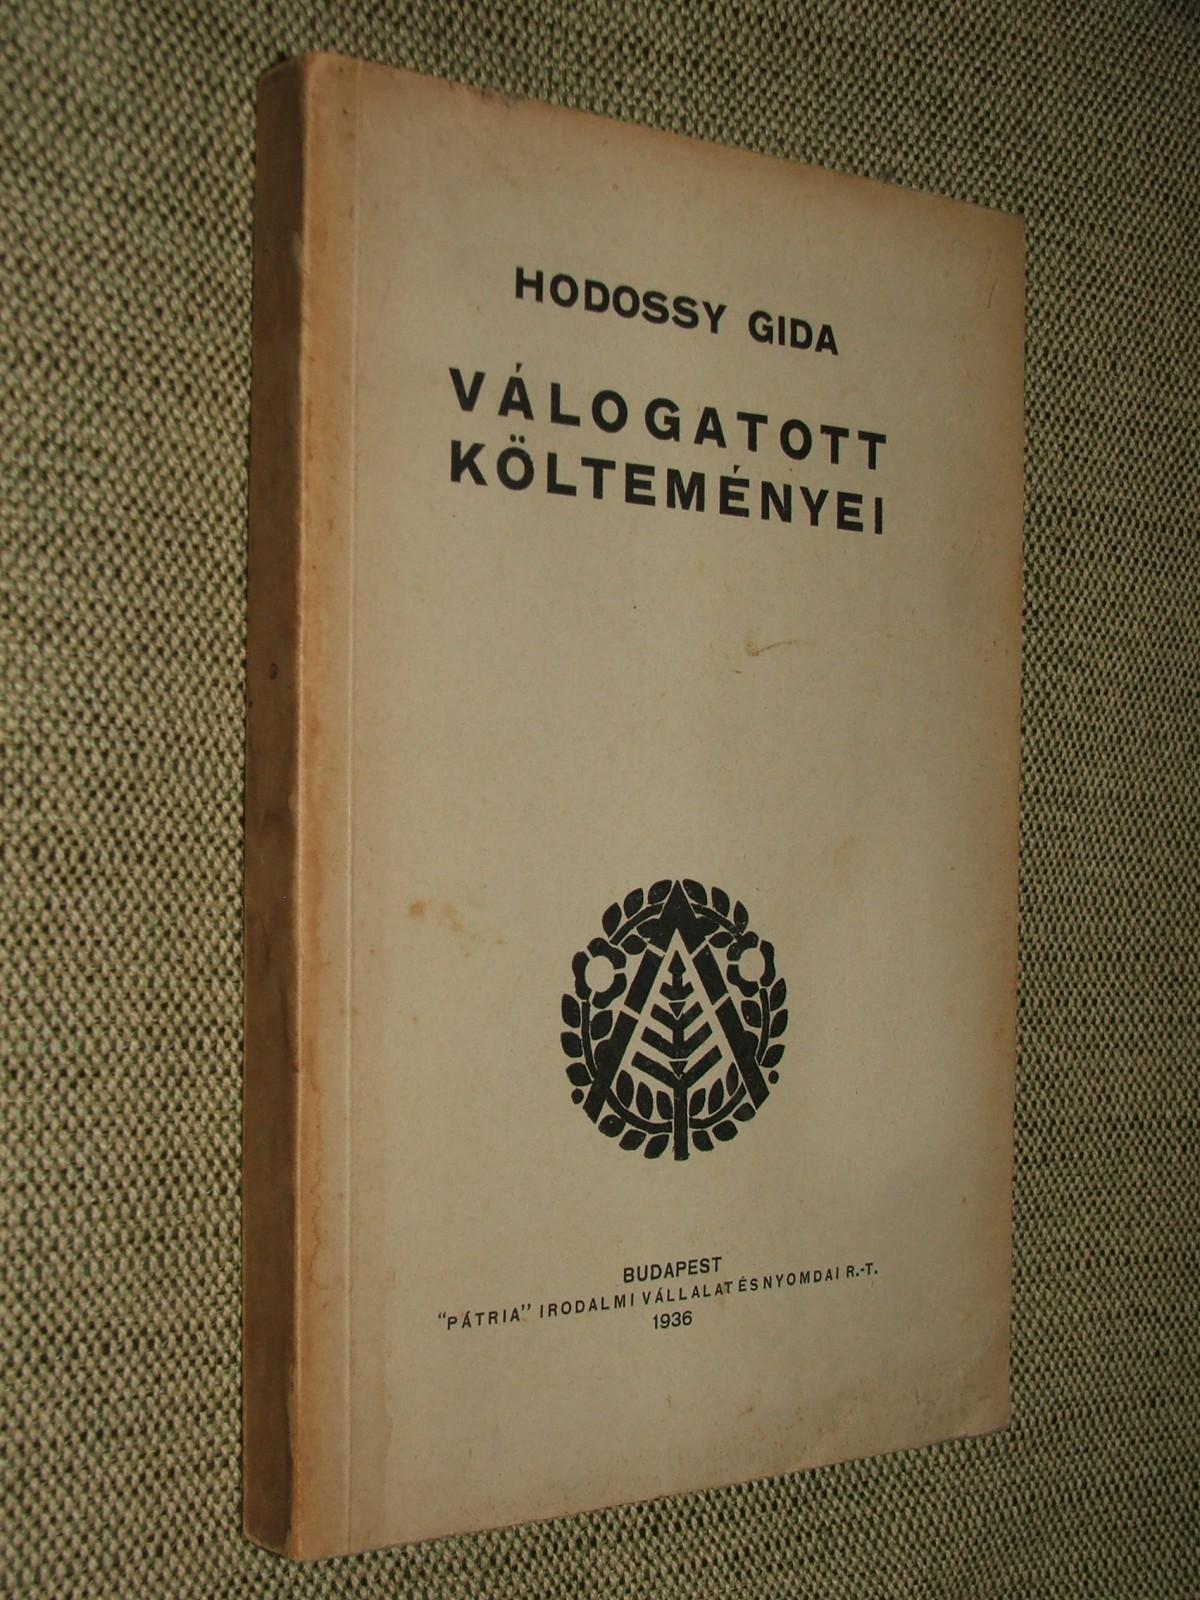 HODOSSY Gida: Válogatott költeményei